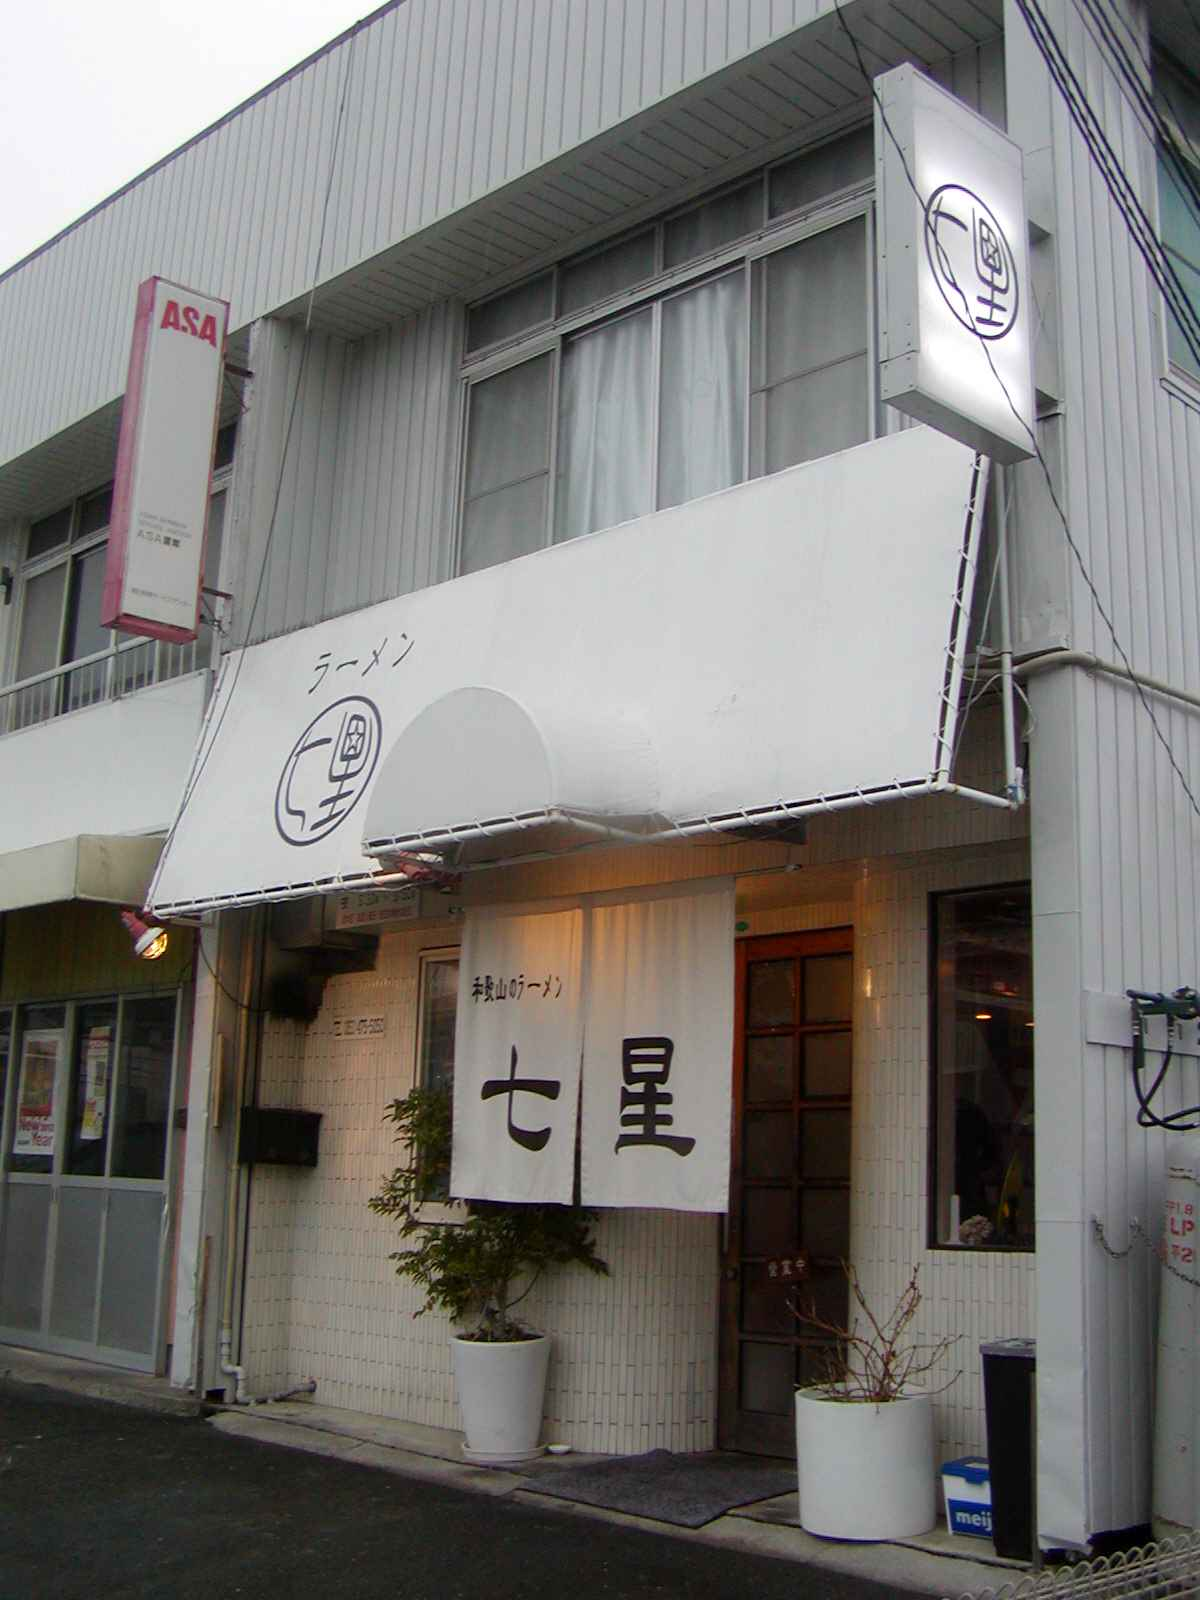 和歌山のラーメン 七星【豚骨醤油ラーメン】 @浜松市中区富塚町